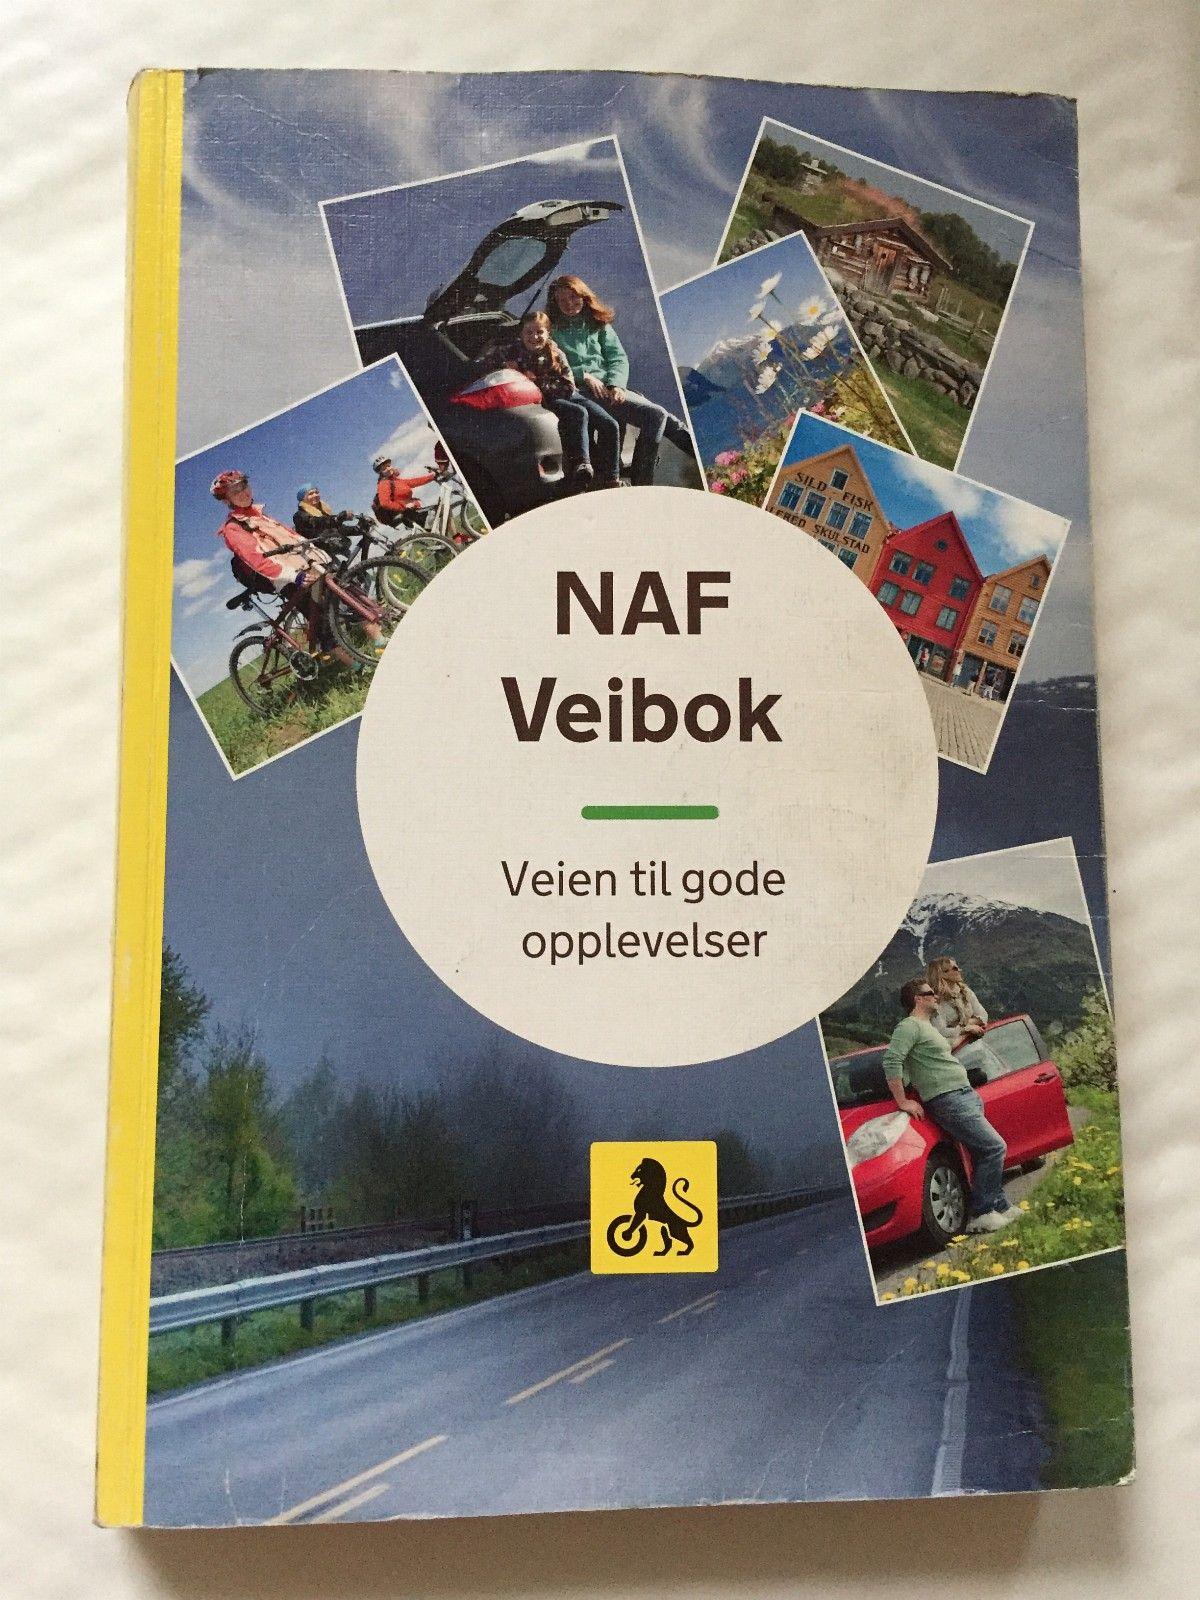 naf kart norge NAF veibok + ulike norske kart | FINN.no naf kart norge